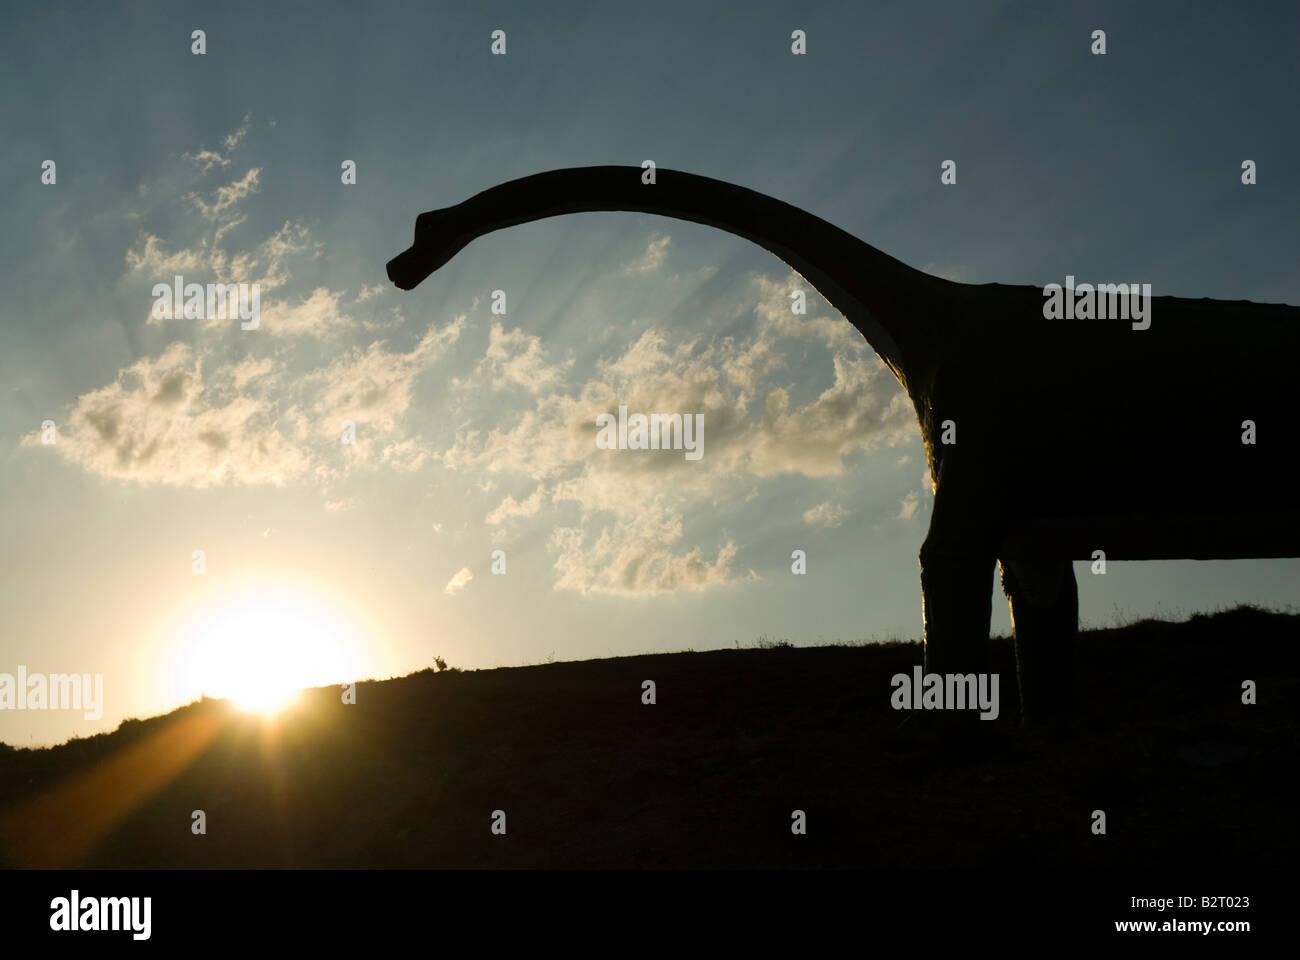 Life size Replica of sauropod dinosaur in Villar del Rio Soria Province Spain - Stock Image